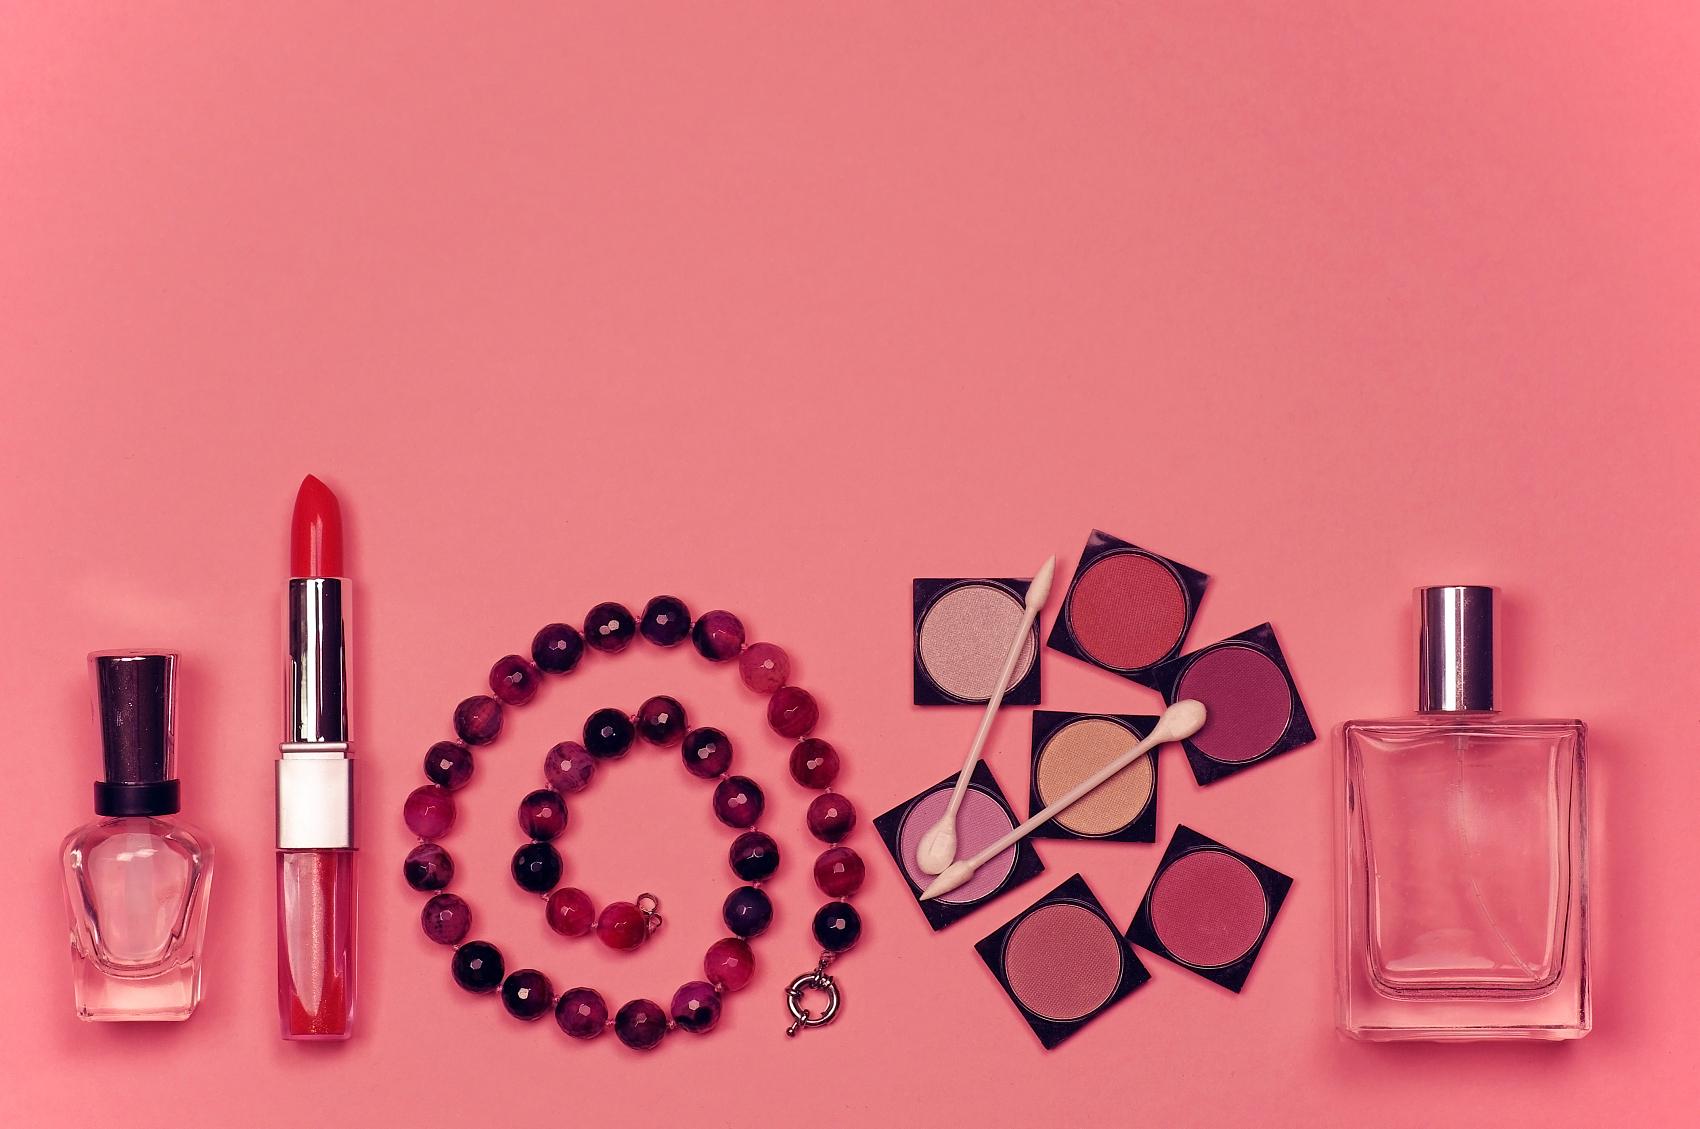 意大利美妆制造业持续稳定增长,2018年销售规模达114亿欧元,贸易顺差27亿欧元